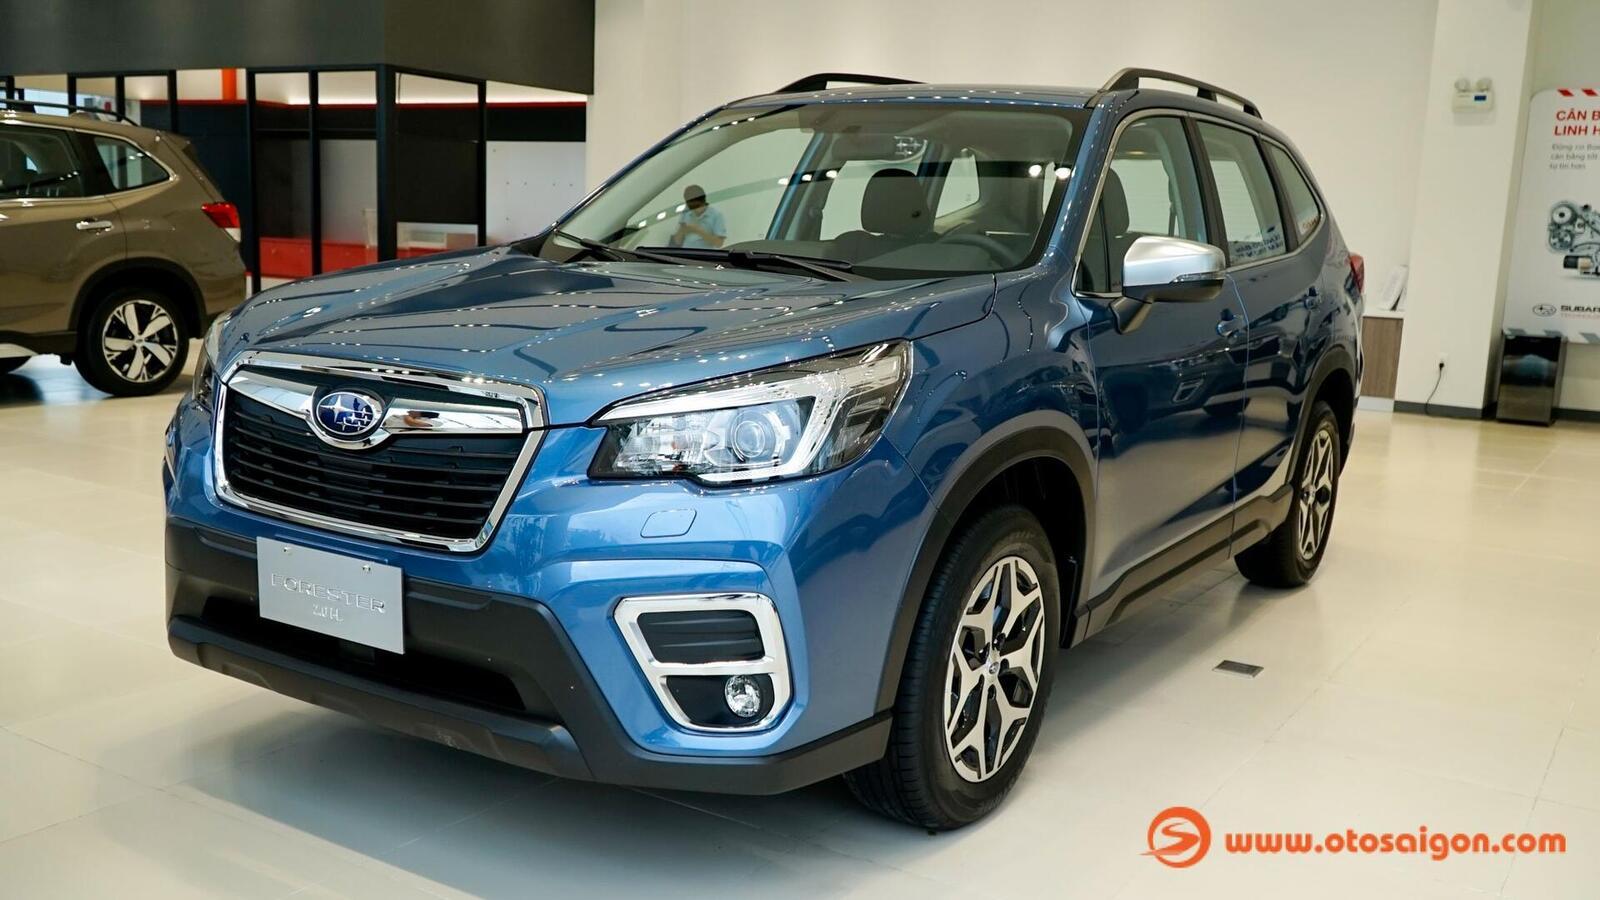 Đánh giá nhanh Subaru Forester thế hệ mới và sự khác biệt giữa hai phiên bản - Hình 3